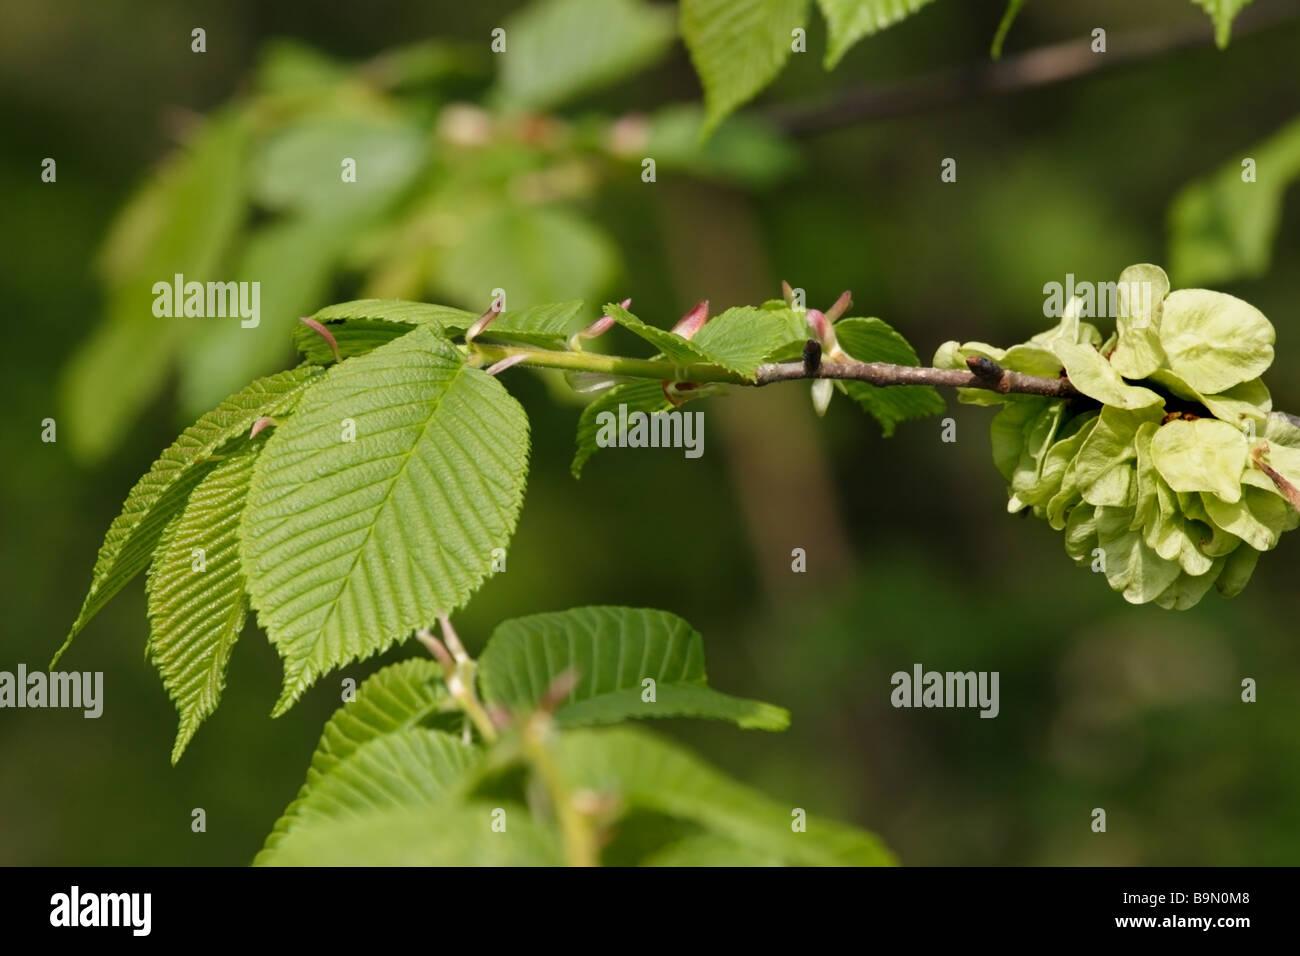 Wych Elm Ulmus glabra United Kingdom - Stock Image